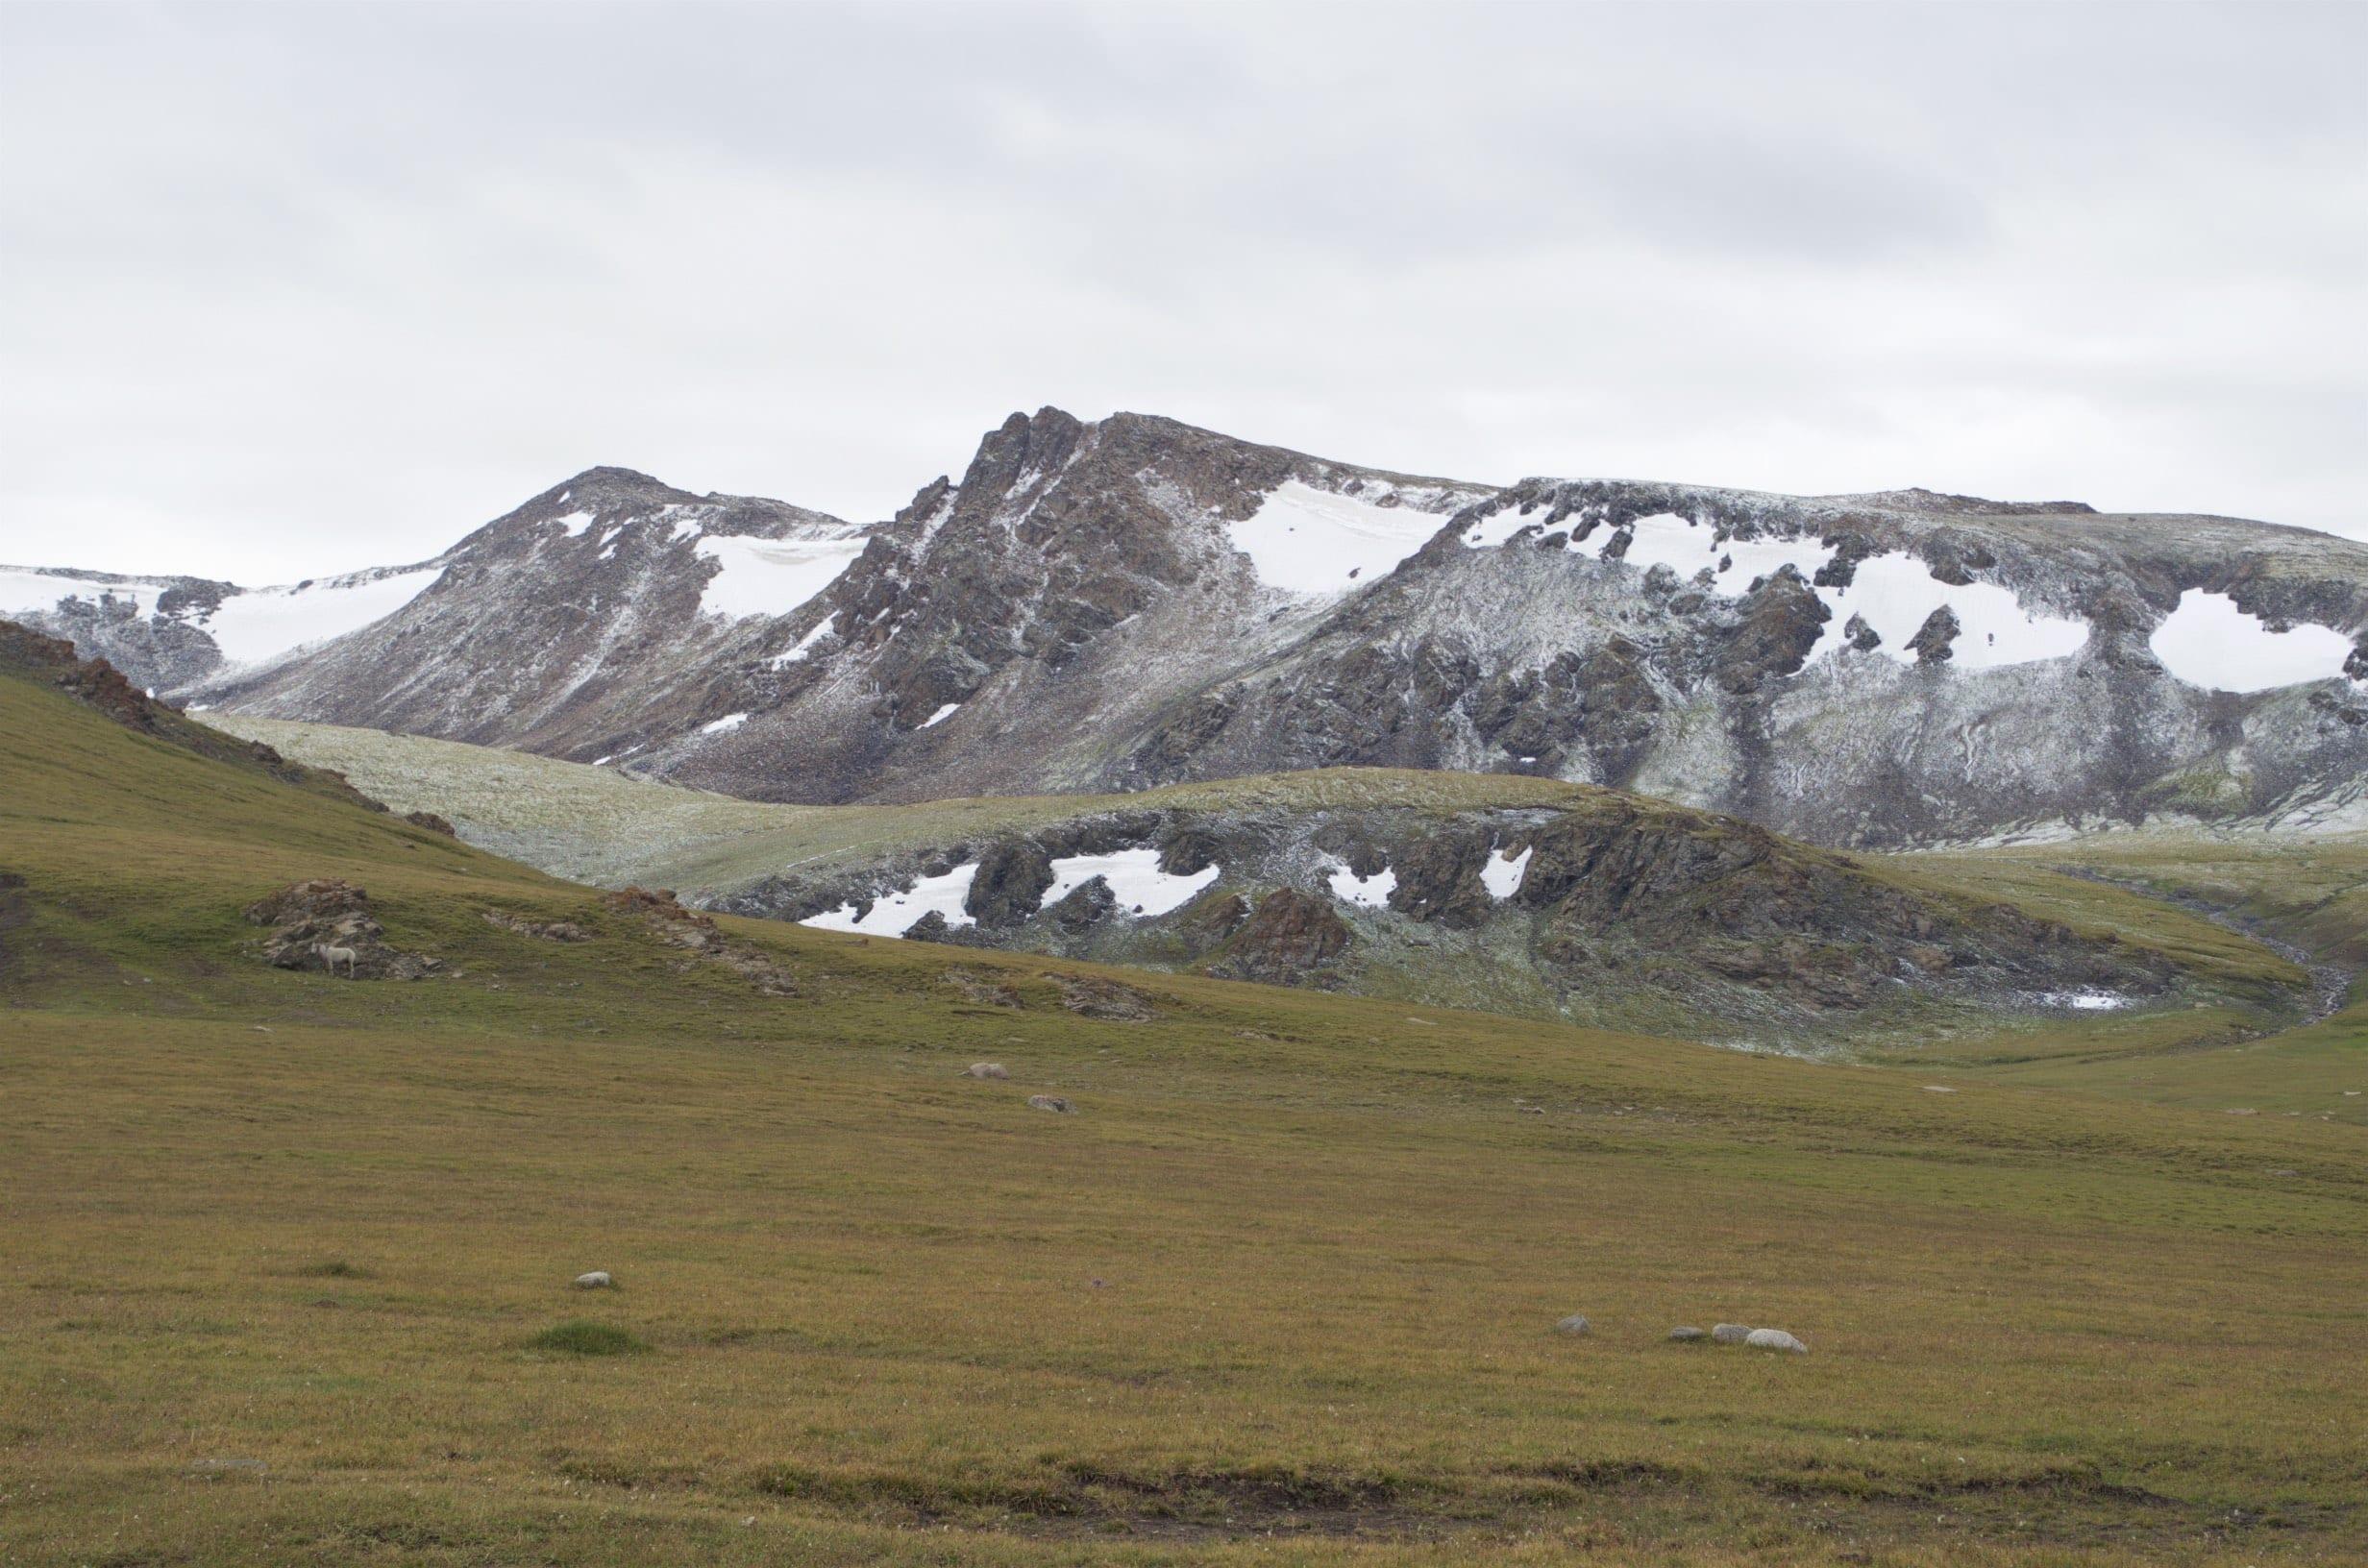 Schnee am Kalmak-Ashuu-Pass